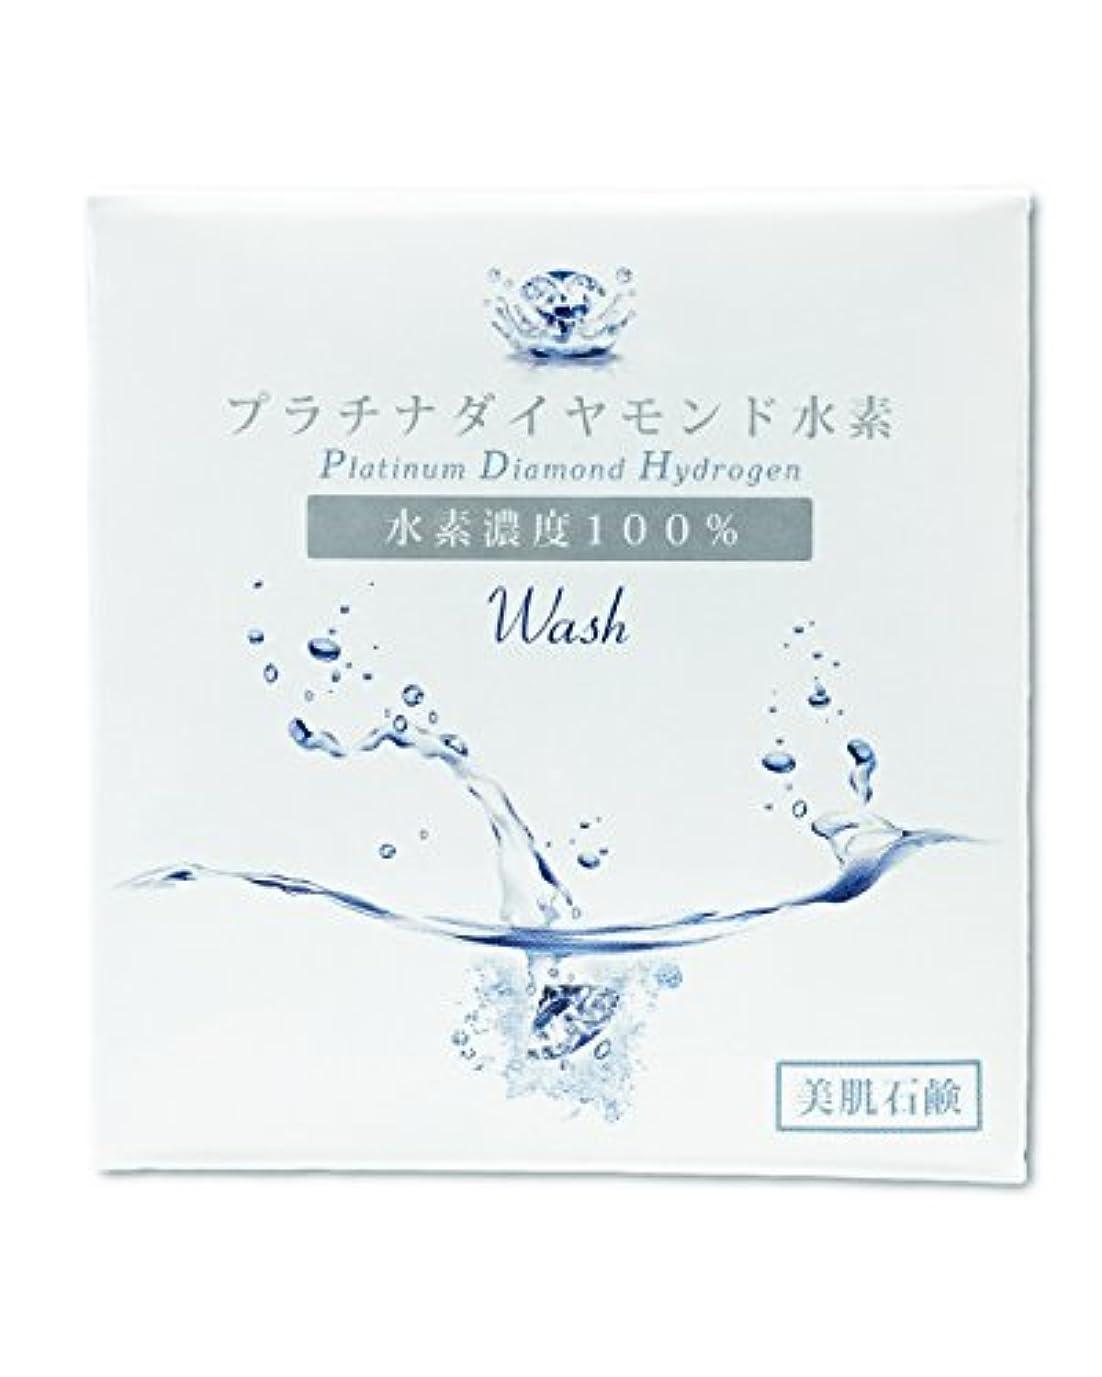 誤デコレーション黒くする水素石鹸 プラチナダイヤモンド水素Wash